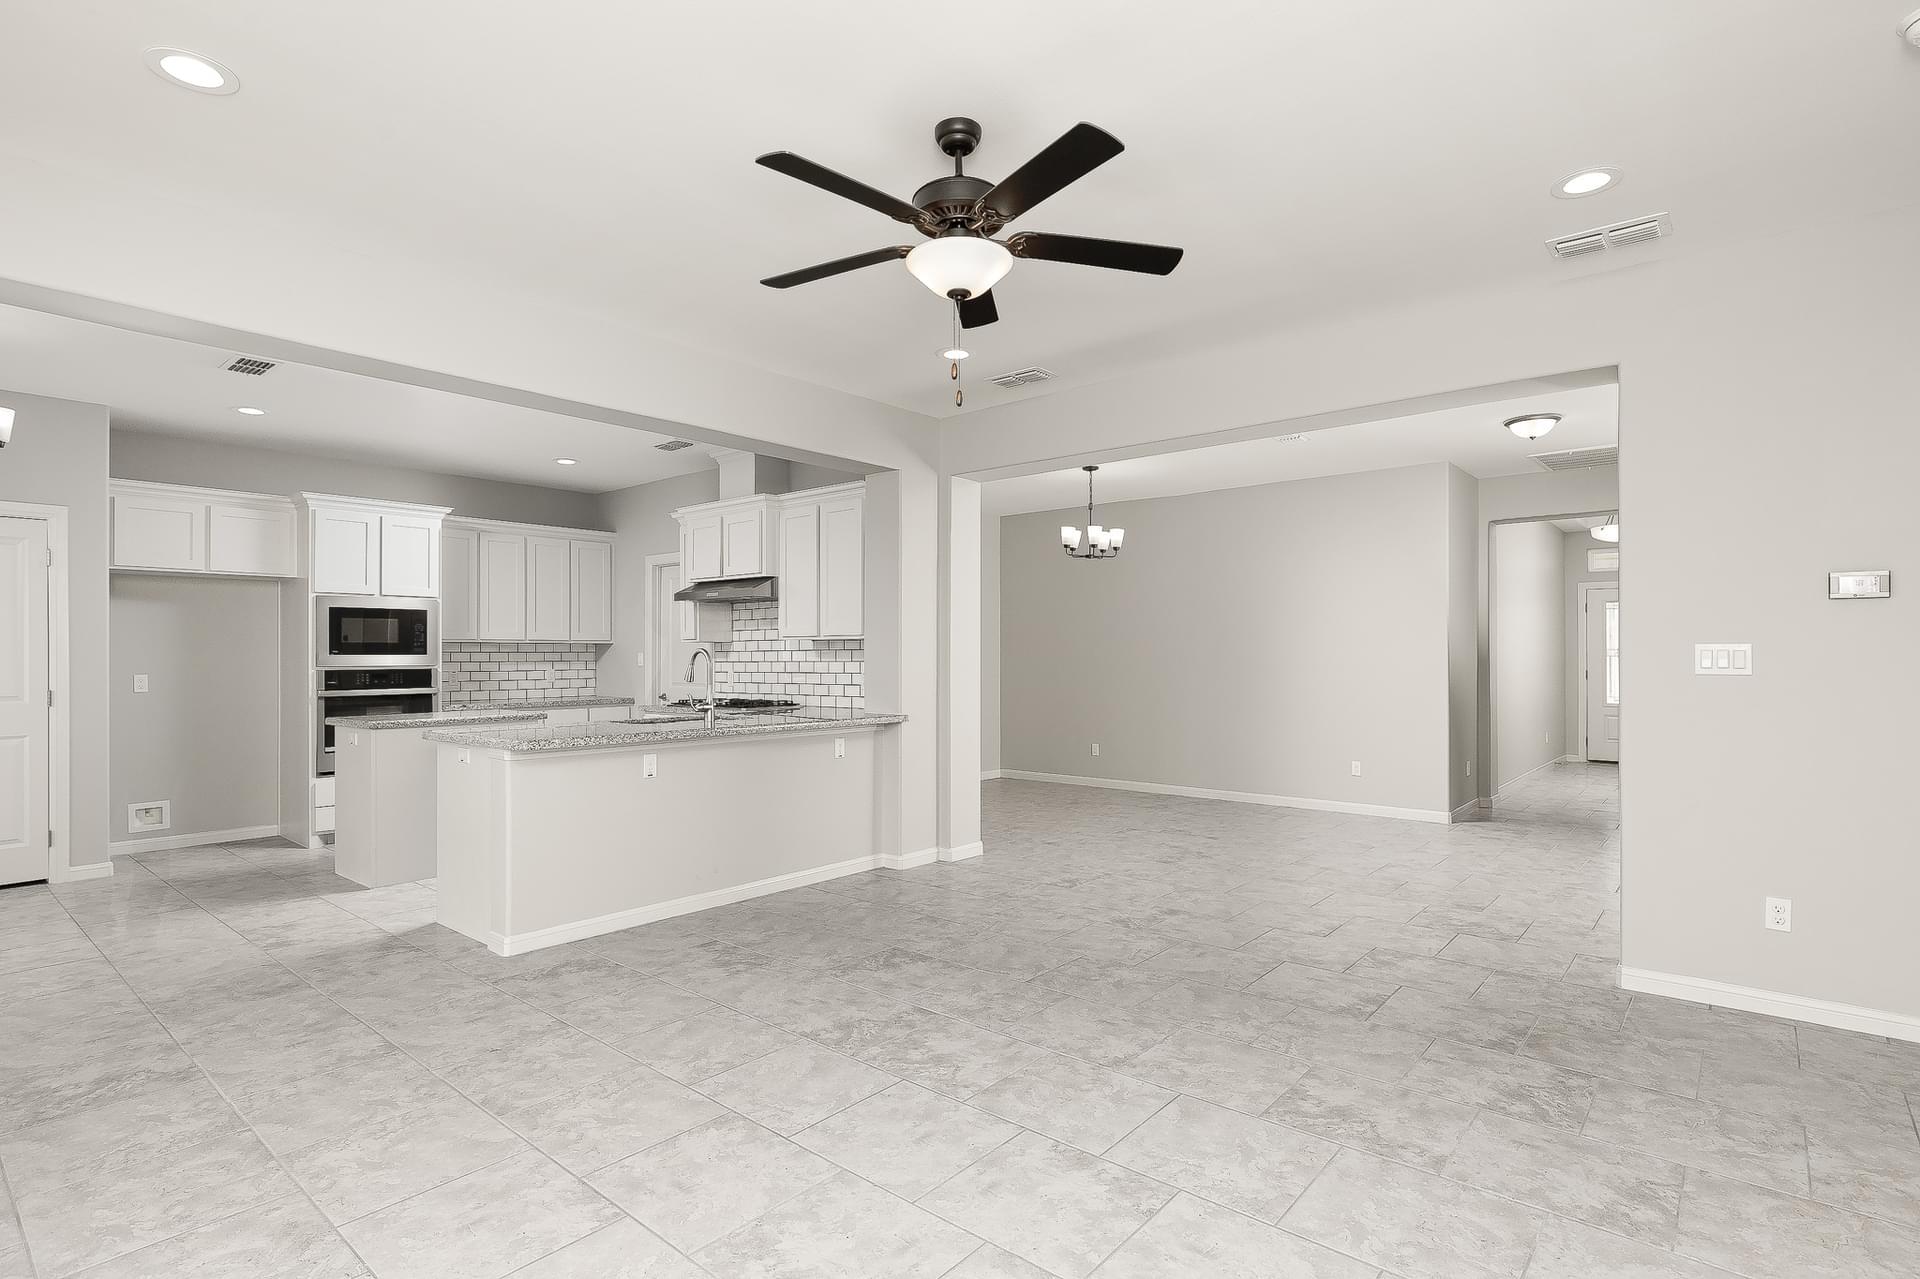 The Antonio new home in McAllen TX